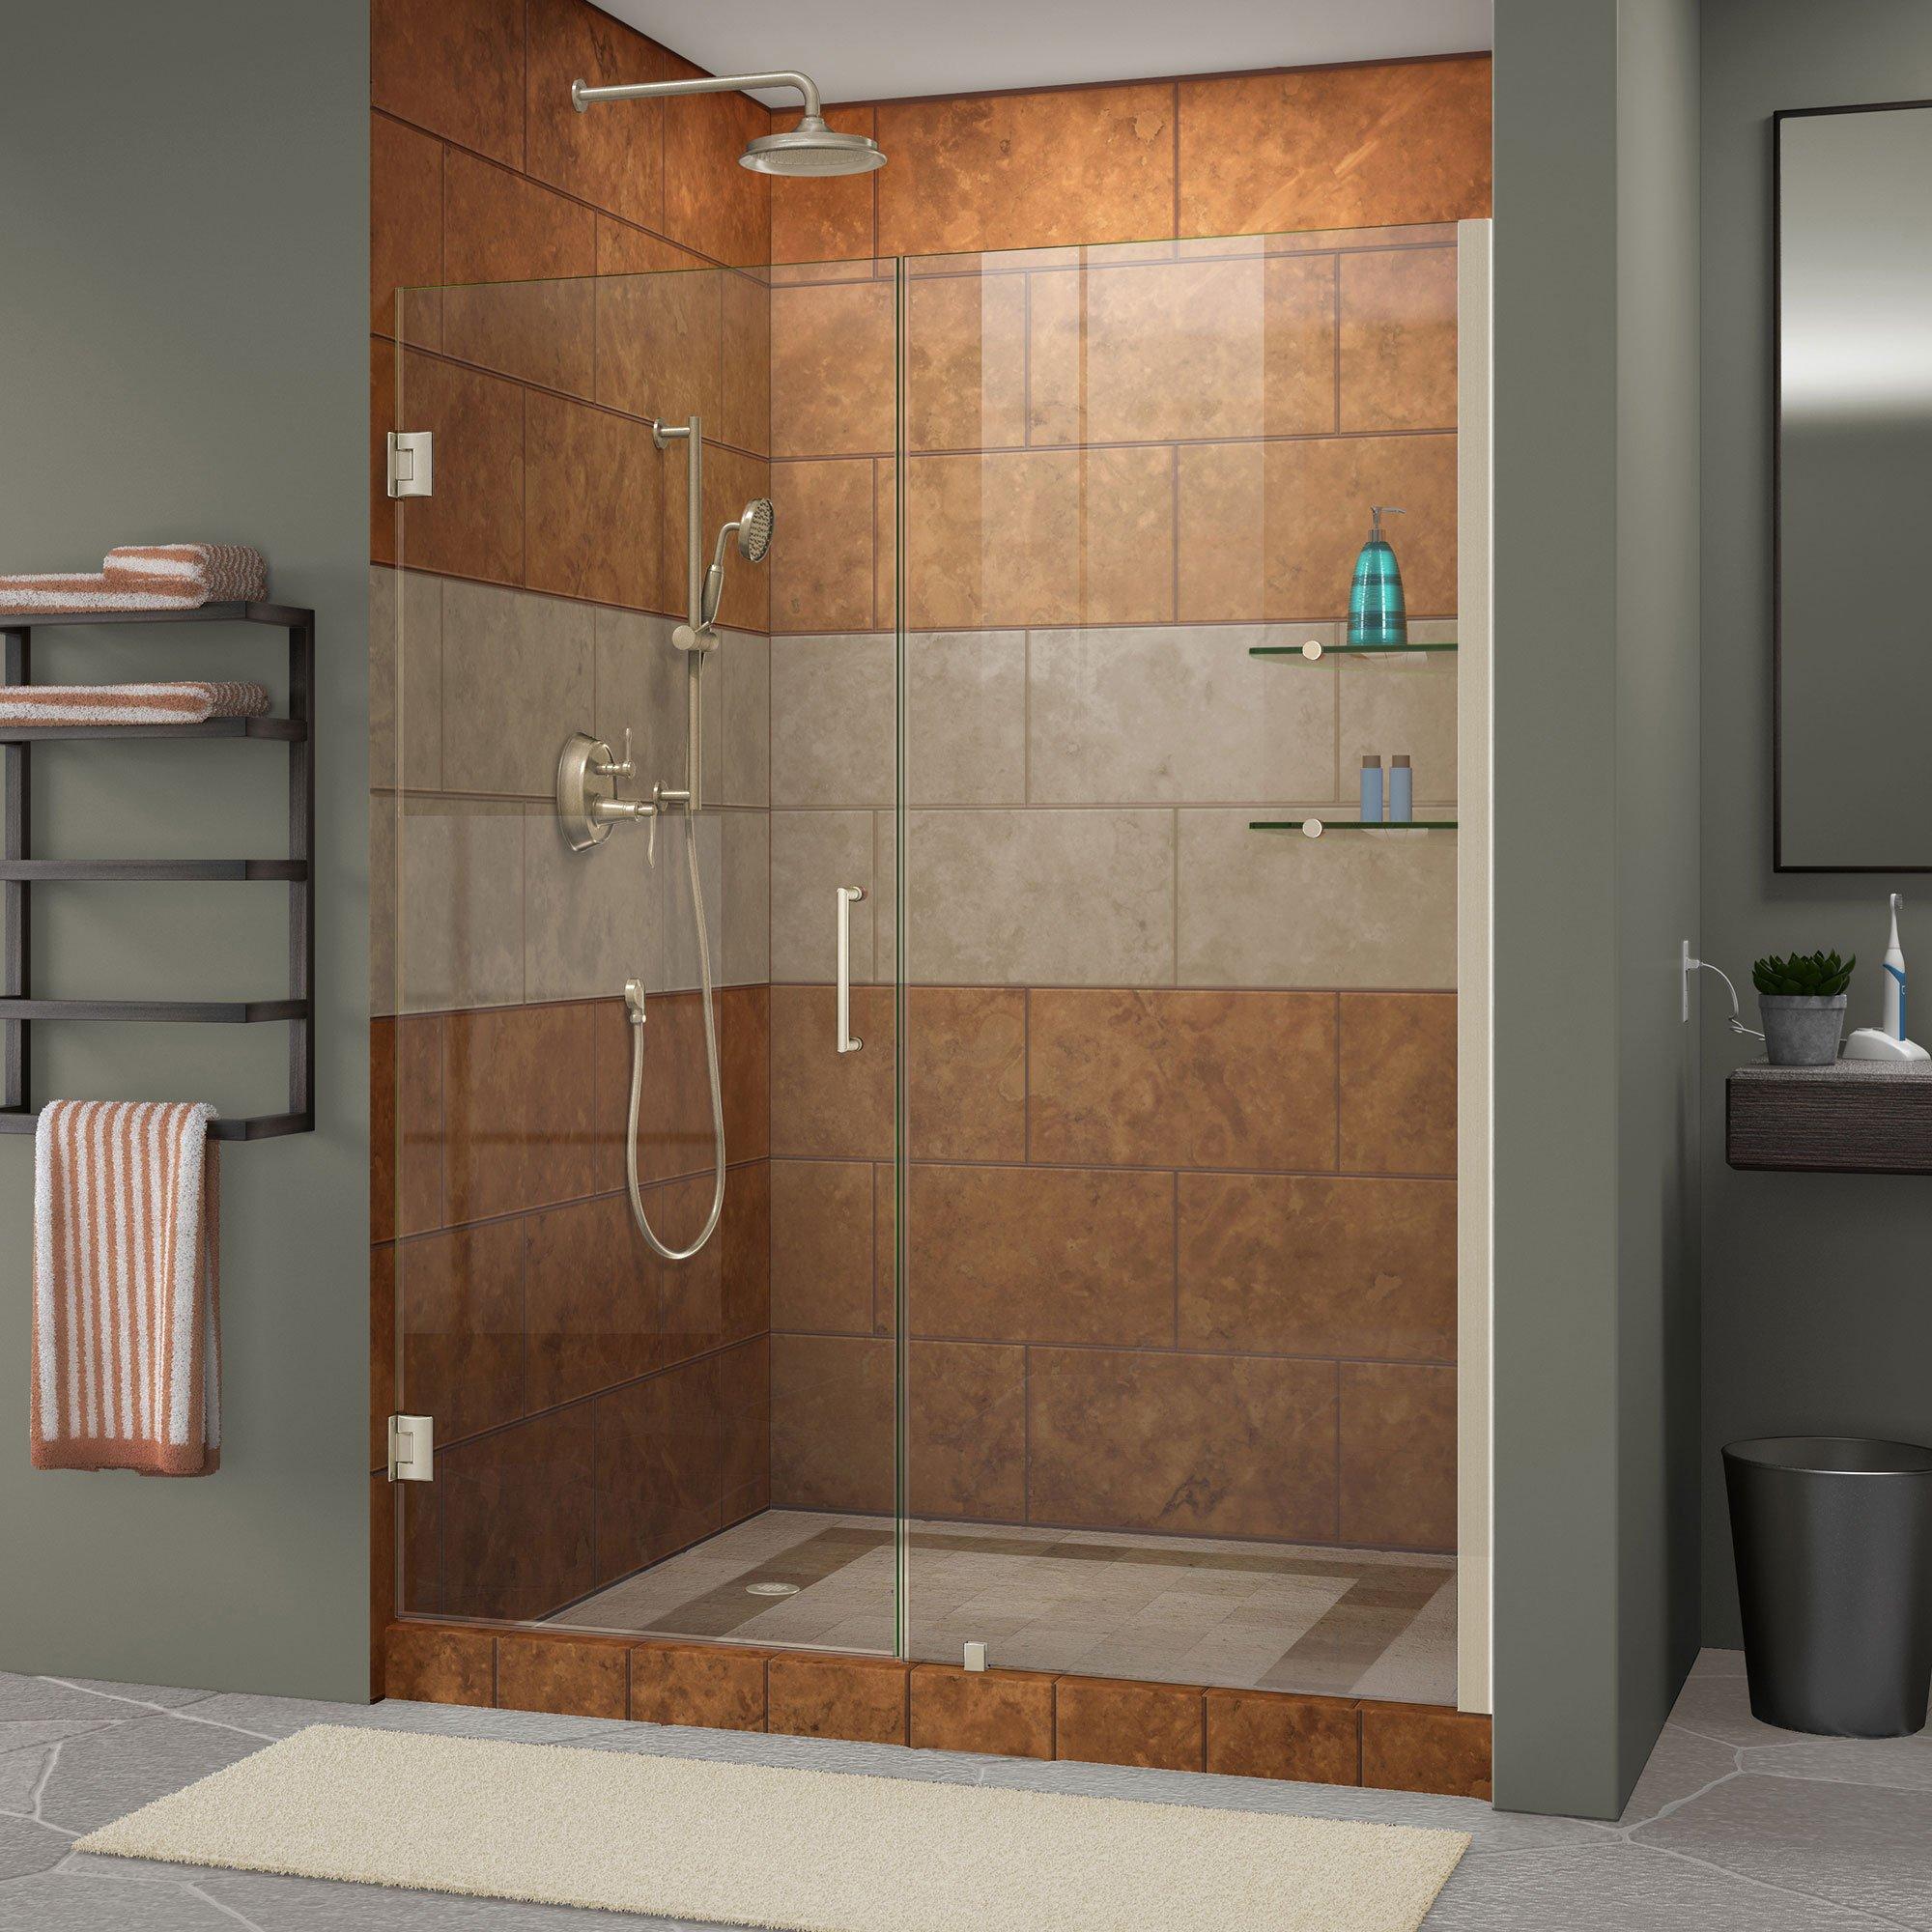 DreamLine Unidoor 57-58 in. Width, Frameless Hinged Shower Door, 3/8'' Glass, Brushed Nickel Finish